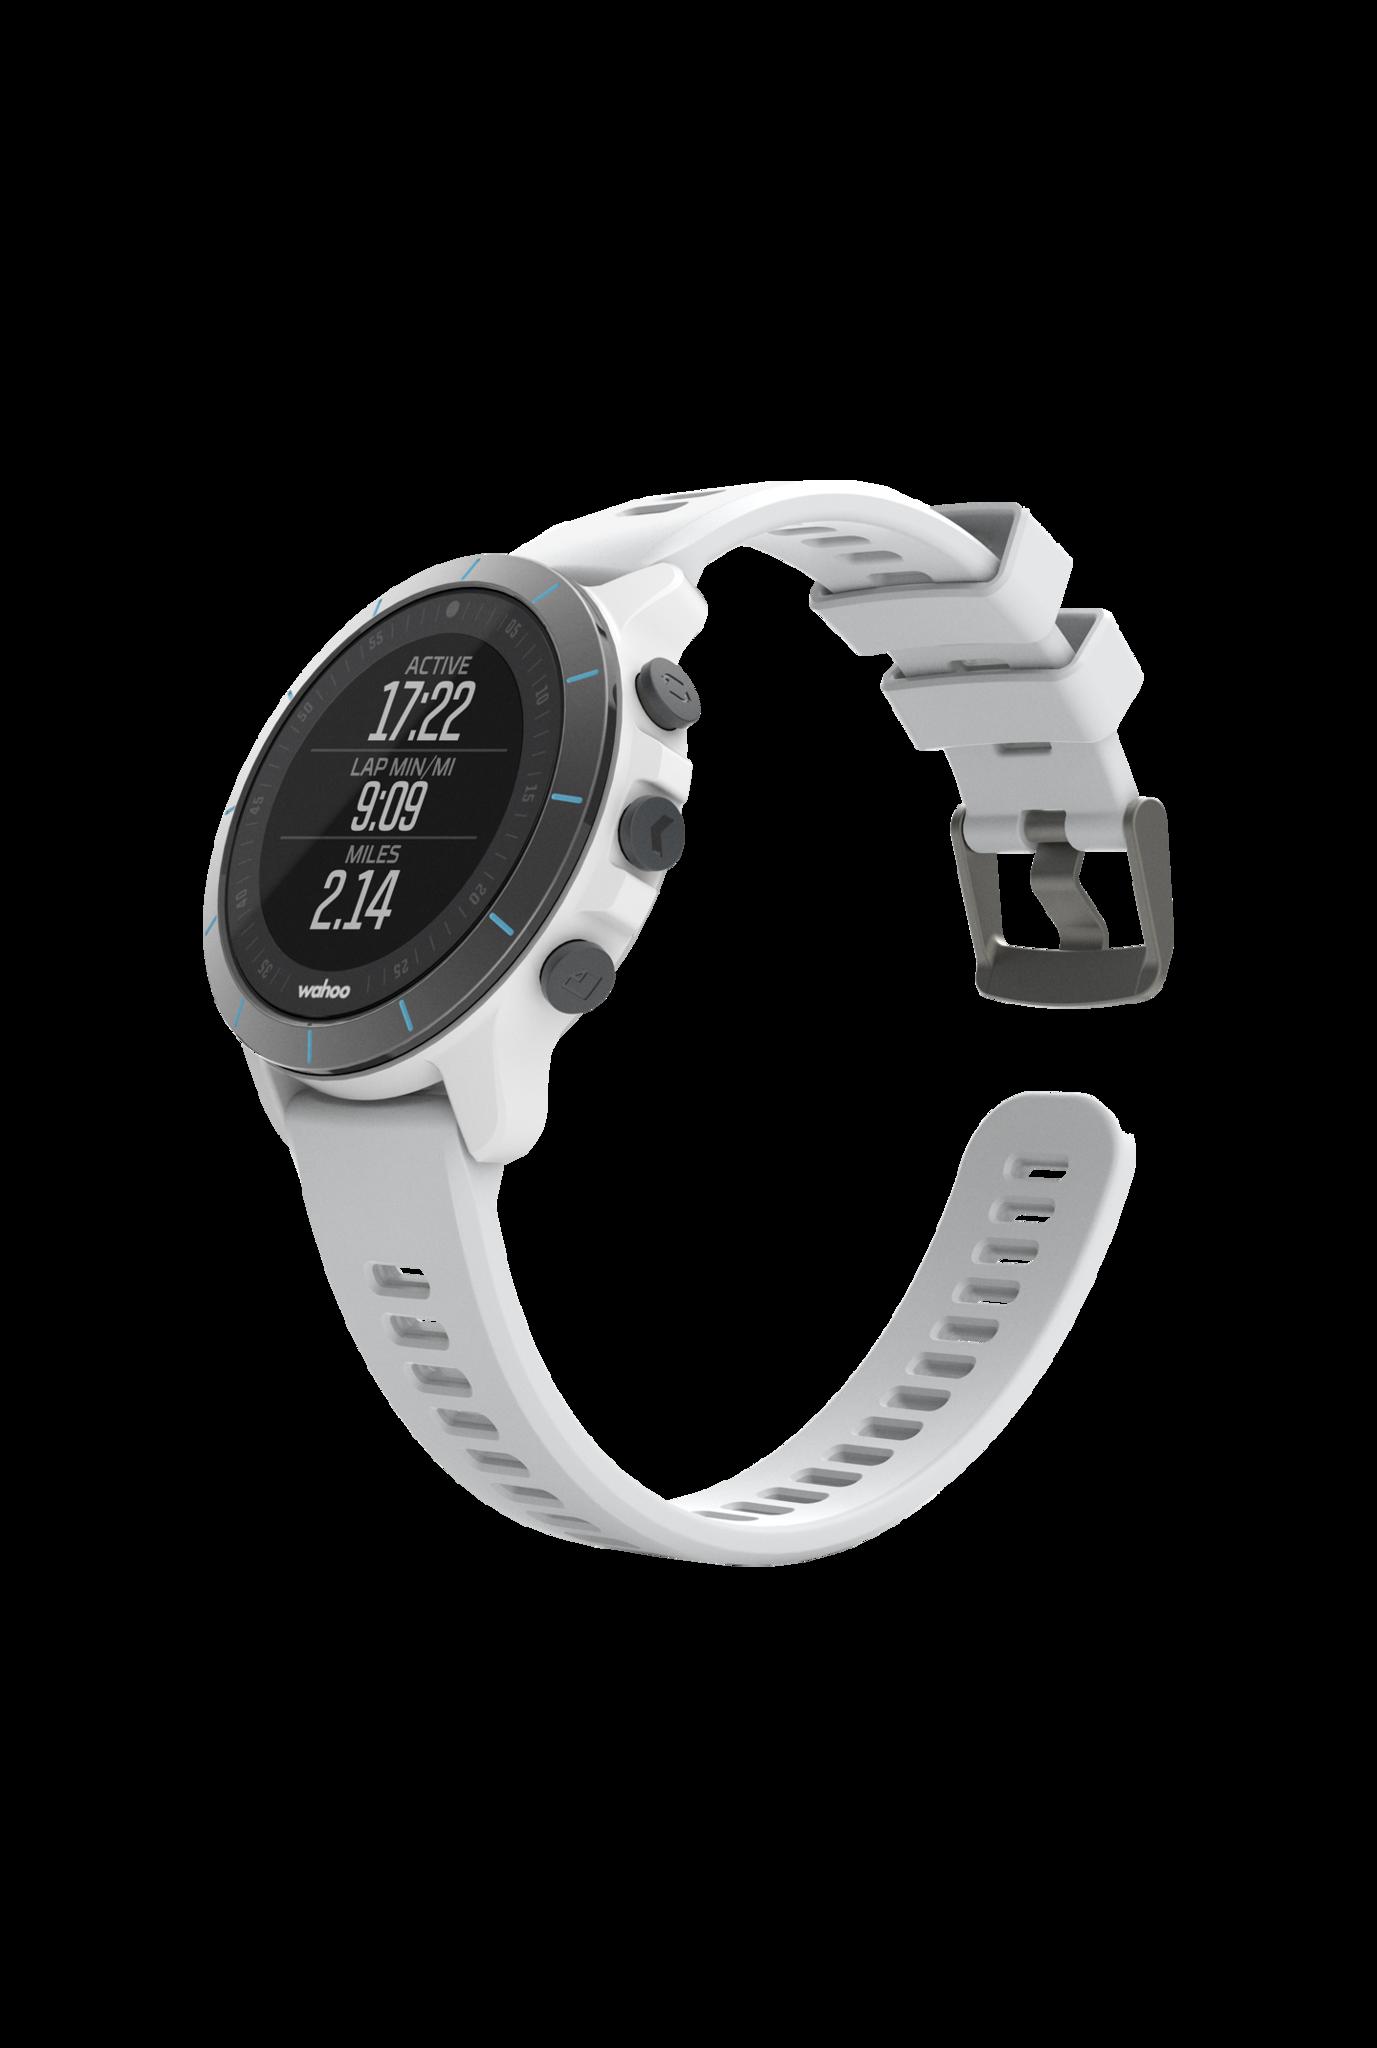 ELEMNT RIVAL GPS Watch Kona White-1